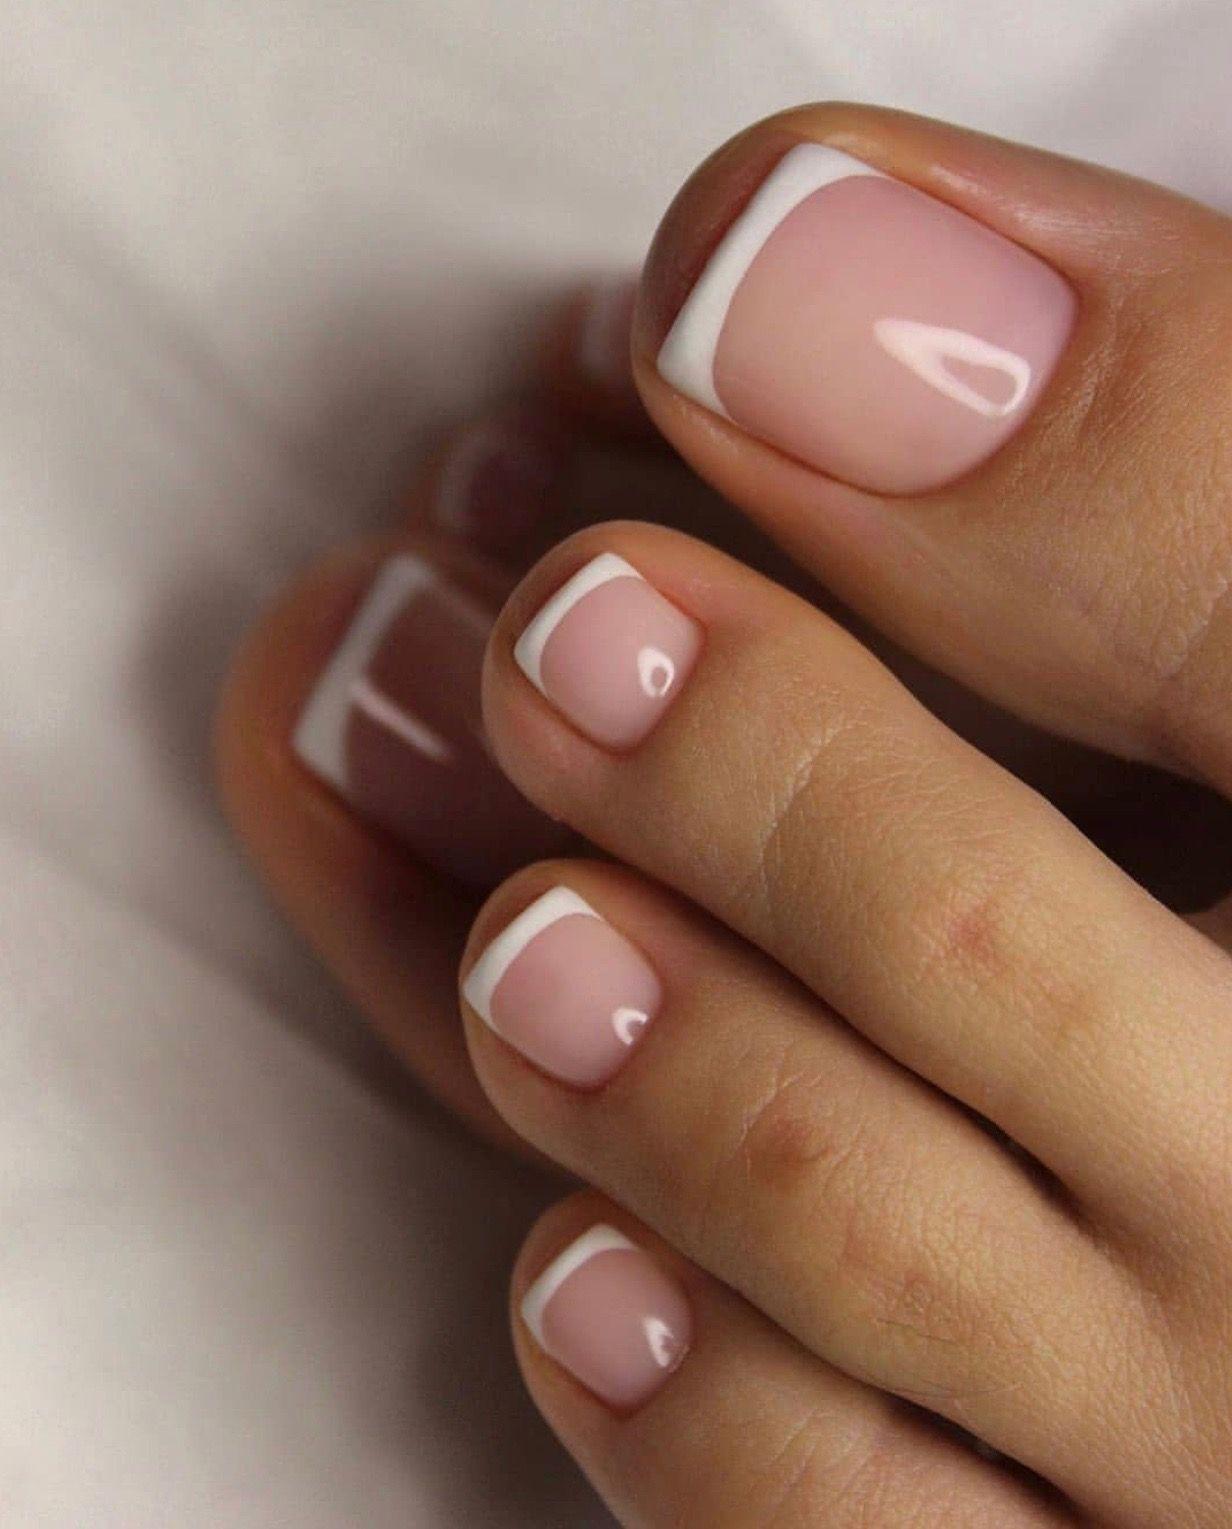 Nail Trends 2019 Nail Inspiration Nail Art Claws Nail Inspiration Toe Nails Pedicure In 2020 Summer Toe Nails French Tip Acrylic Nails French Tip Gel Nails